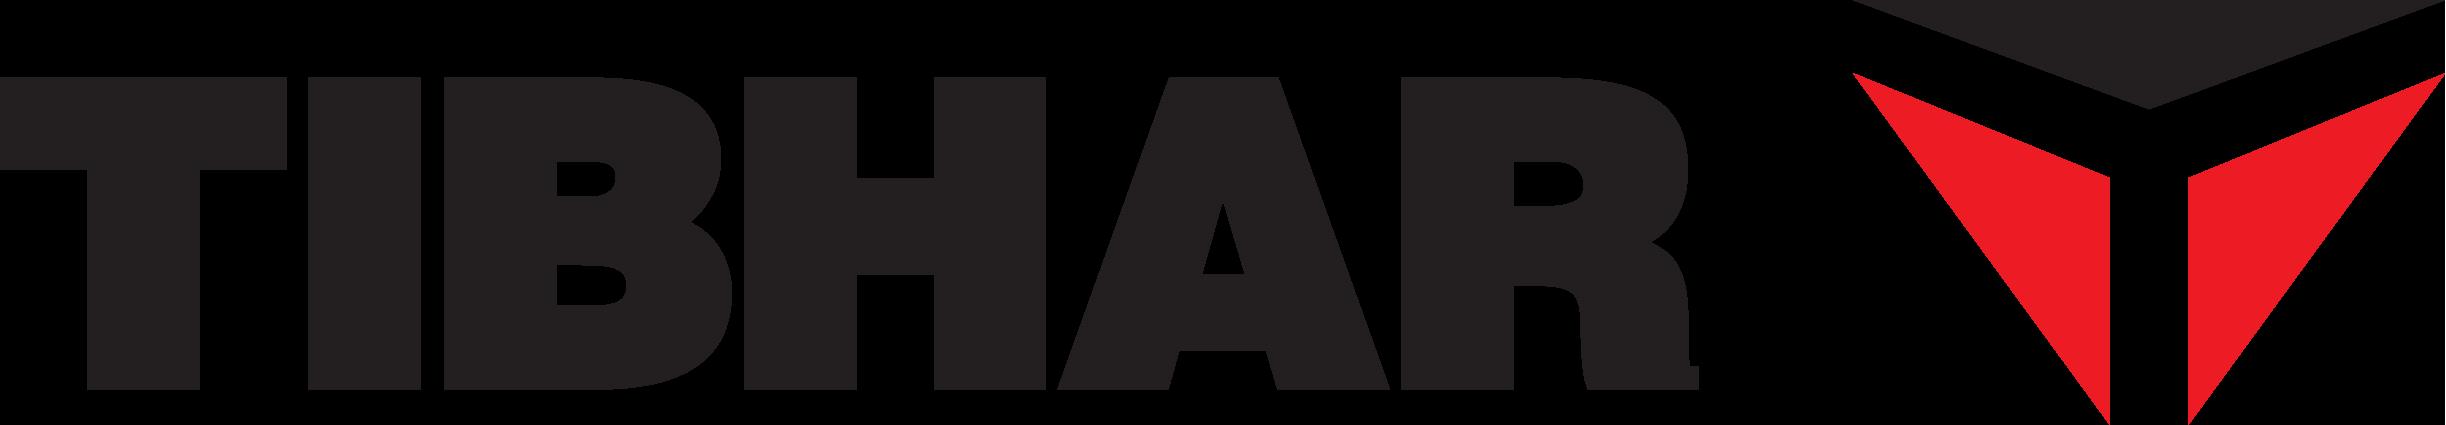 Producenci - tibhar_pixel_logo_large.png